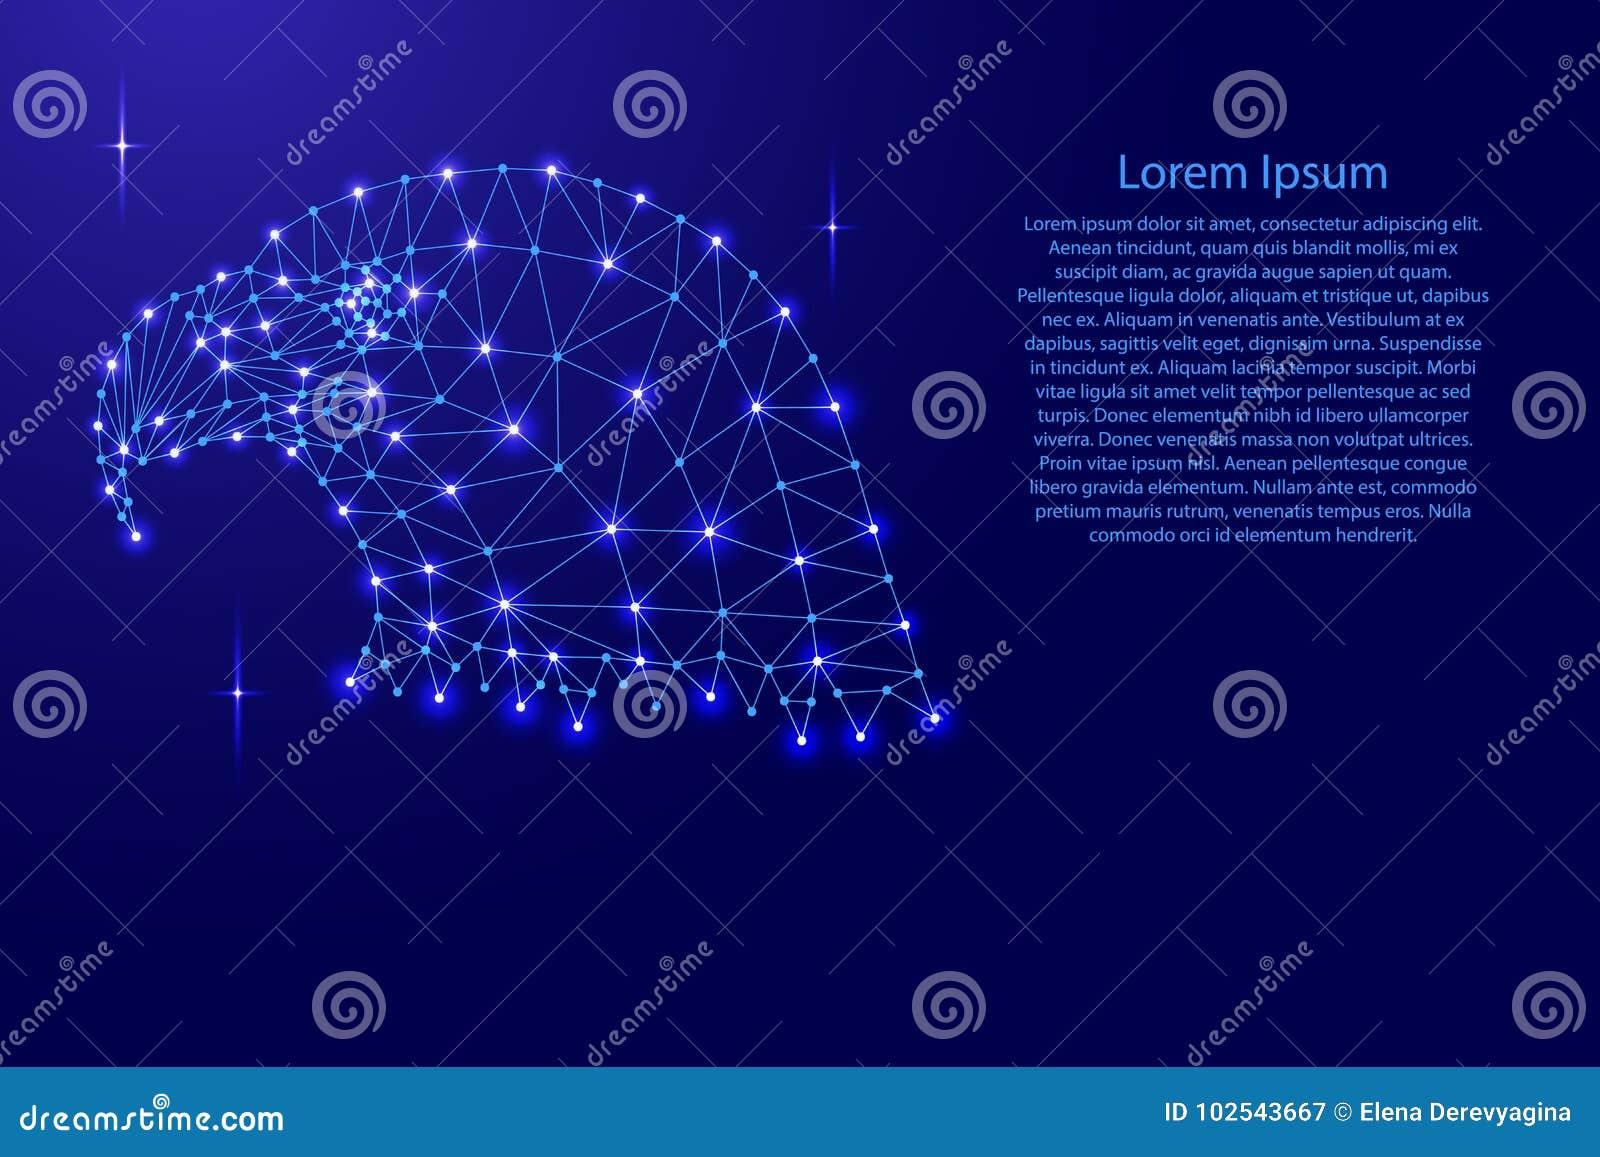 Επικεφαλής ενός φαλακρού αετού, εθνικό σύμβολο Πολιτεία από το polygonal δίκτυο γραμμών μωσαϊκών, ακτίνες, διαστημικά αστέρια για